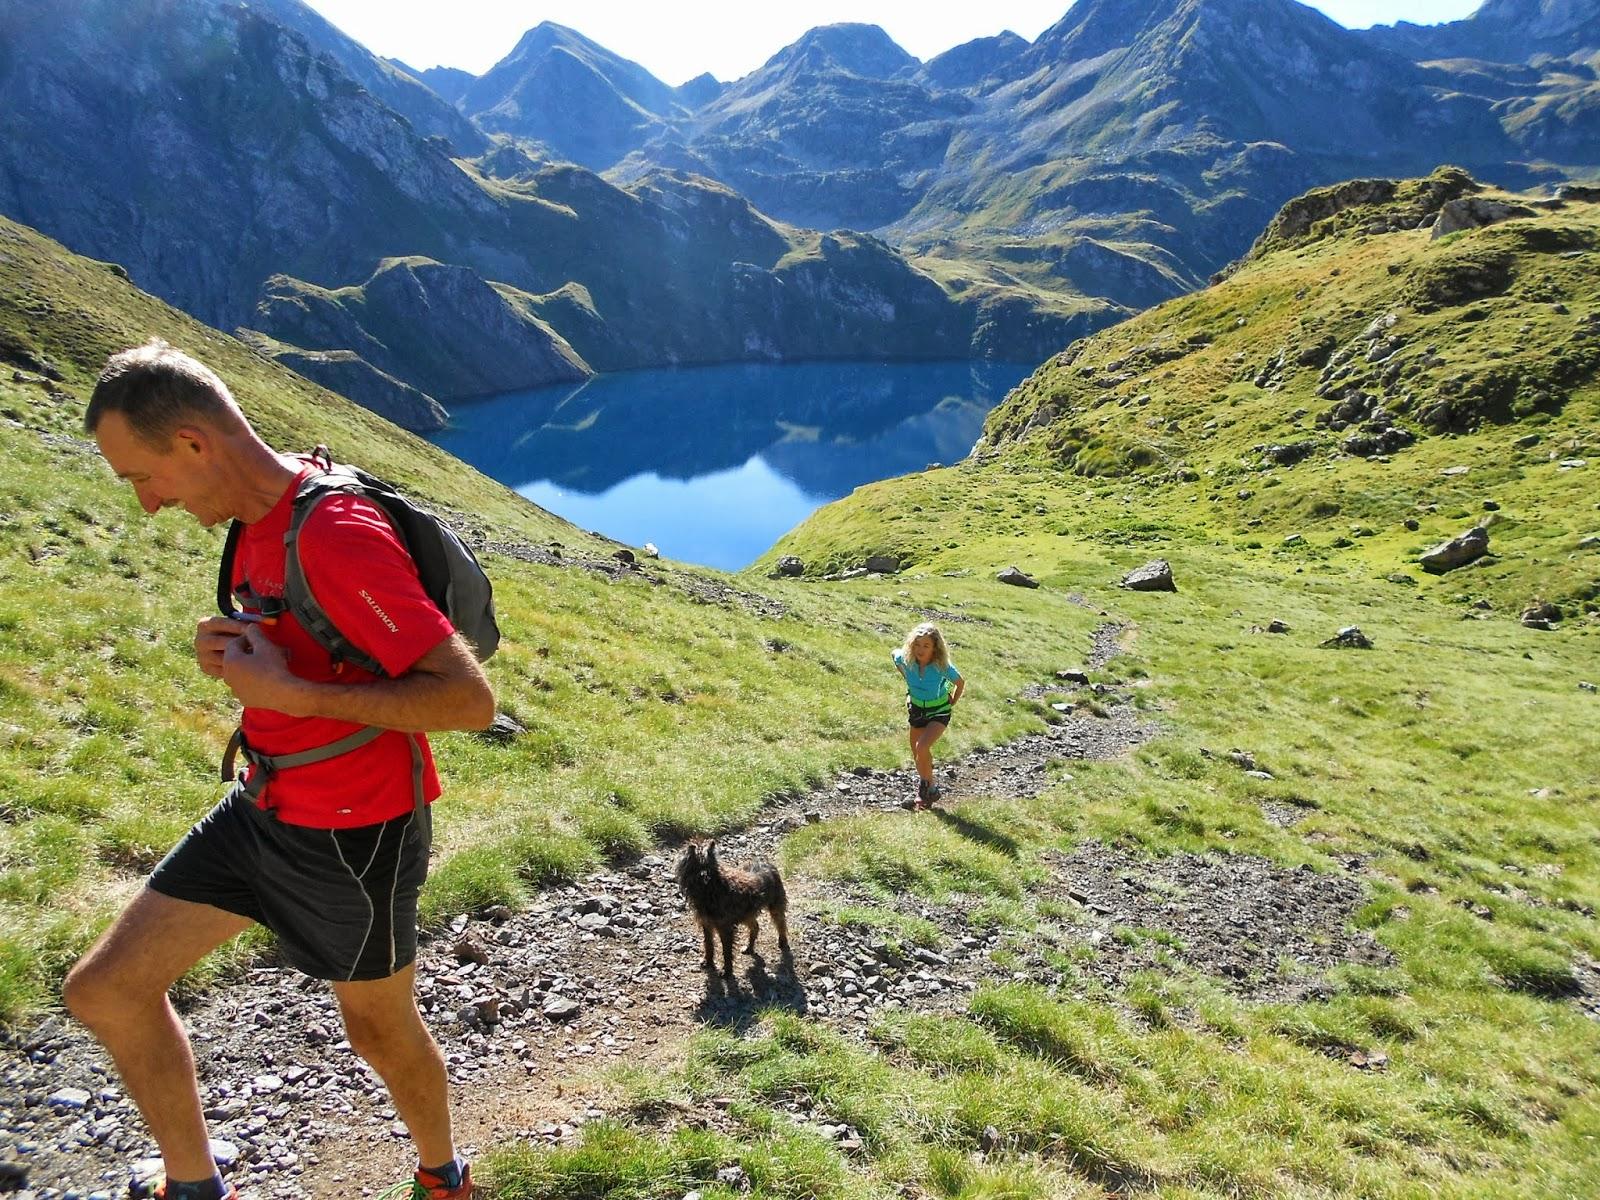 montagne trail boucle par col de bareilles avec le groupe